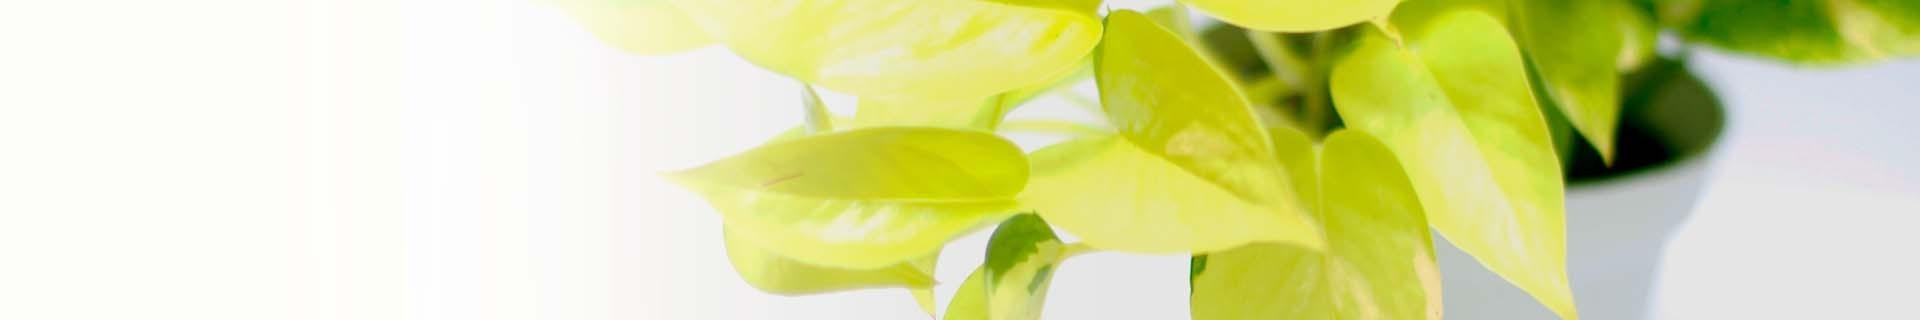 Plantes d'intérieur km 0: Fougère Bleue, Nephrolepis falcata, Cirtomio, Corne de cerf, Philodendron Micans, plantes purificatrices d'air.